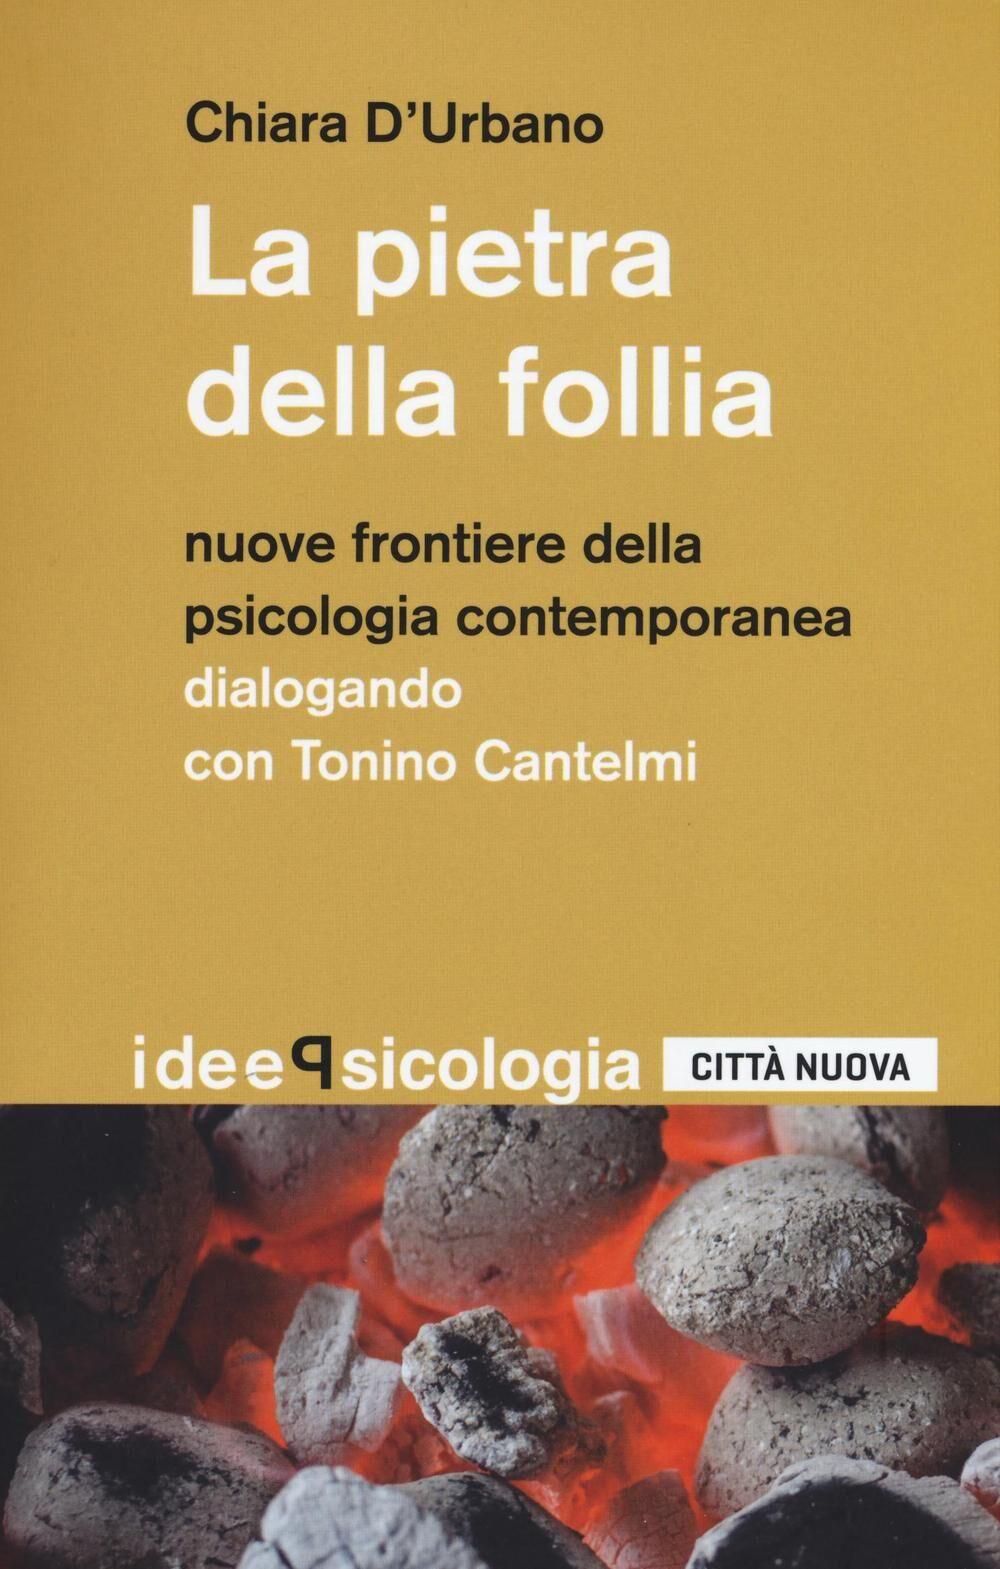 La pietra della follia. Nuove frontiere della psicologia contemporanea. Dialogo con Tonino Cantelmi